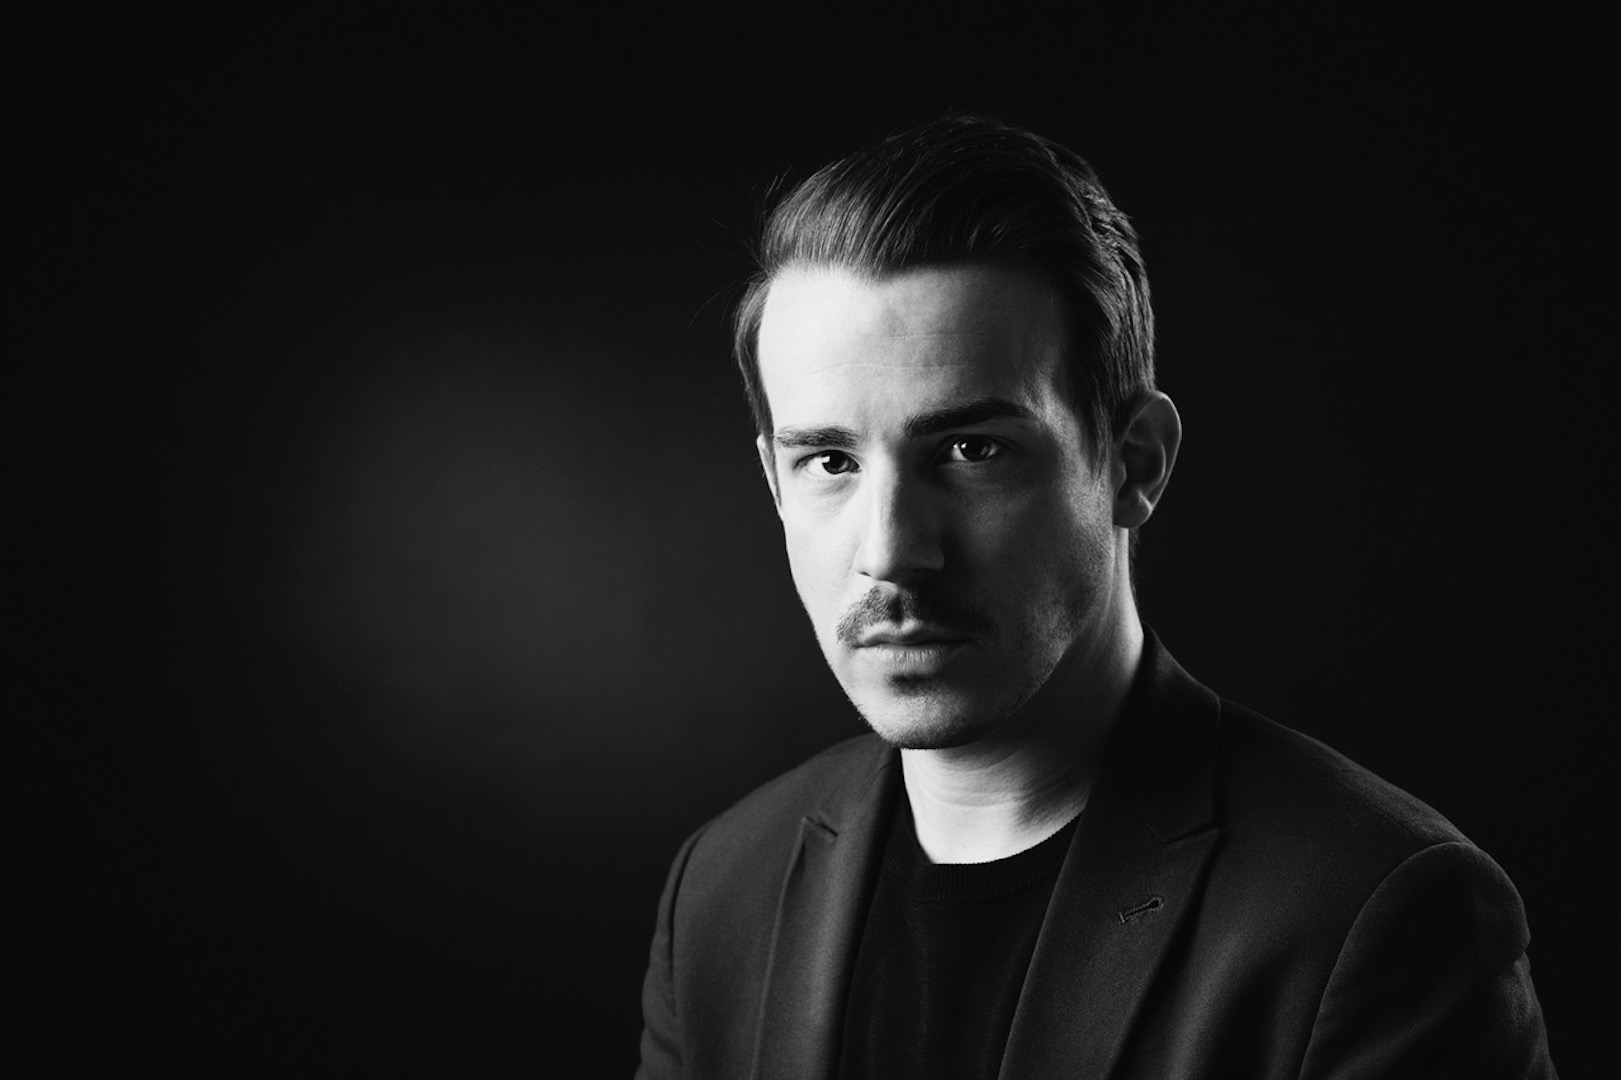 Thomas-François Bouige